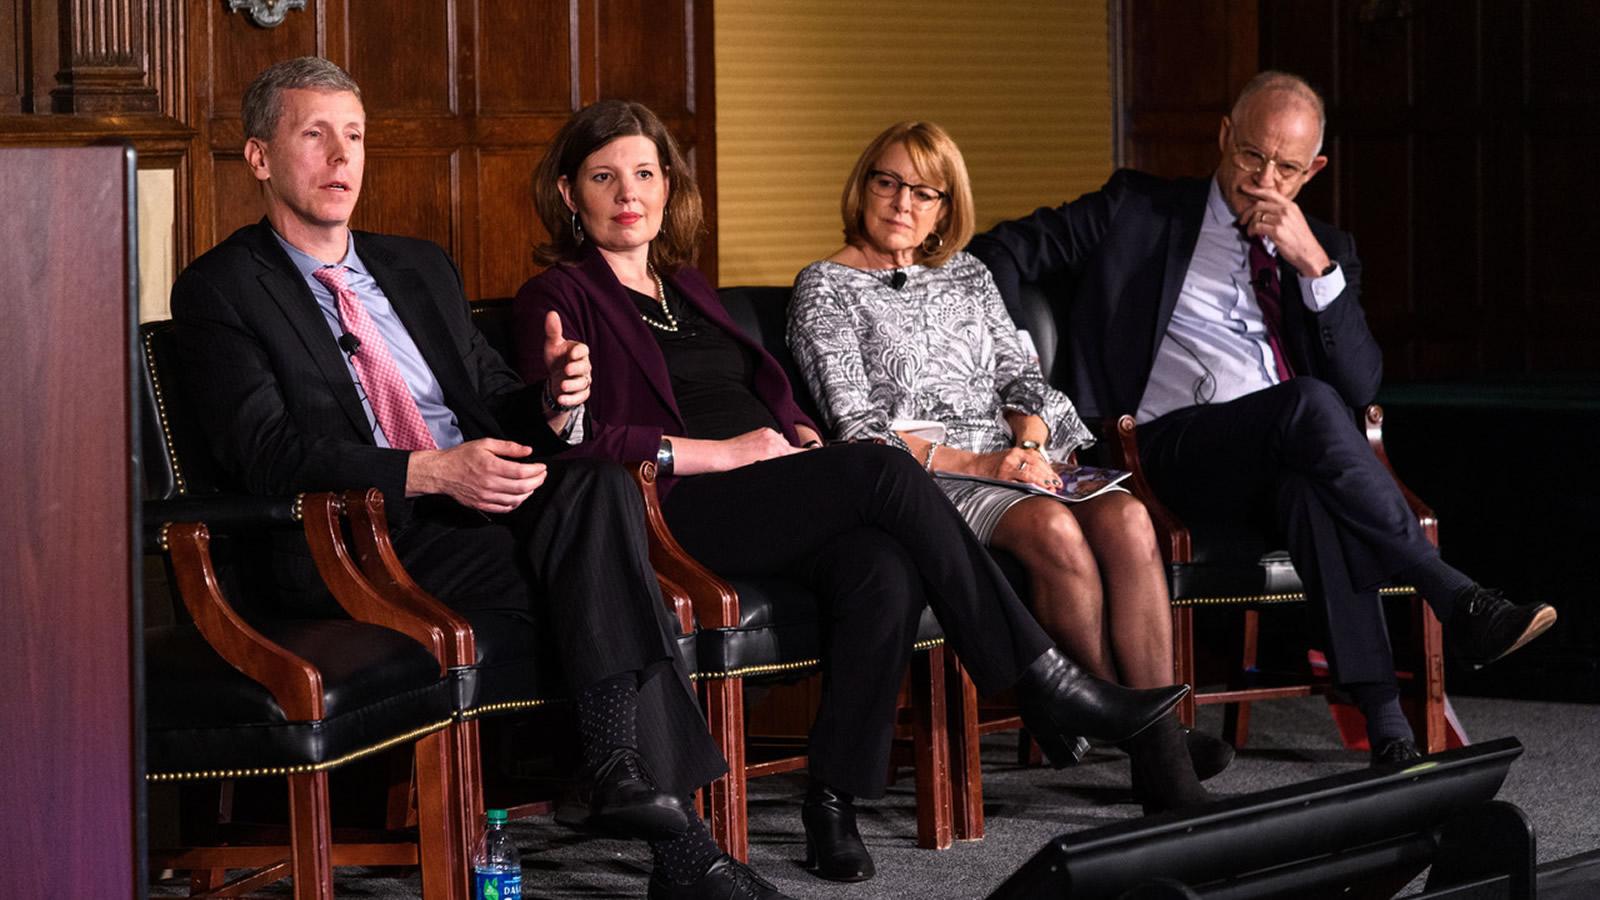 Panelists Mike Mitchell, Rachel Peric, Joan Rosenhauer, and Hans Van de Weerd discuss the migration crisis